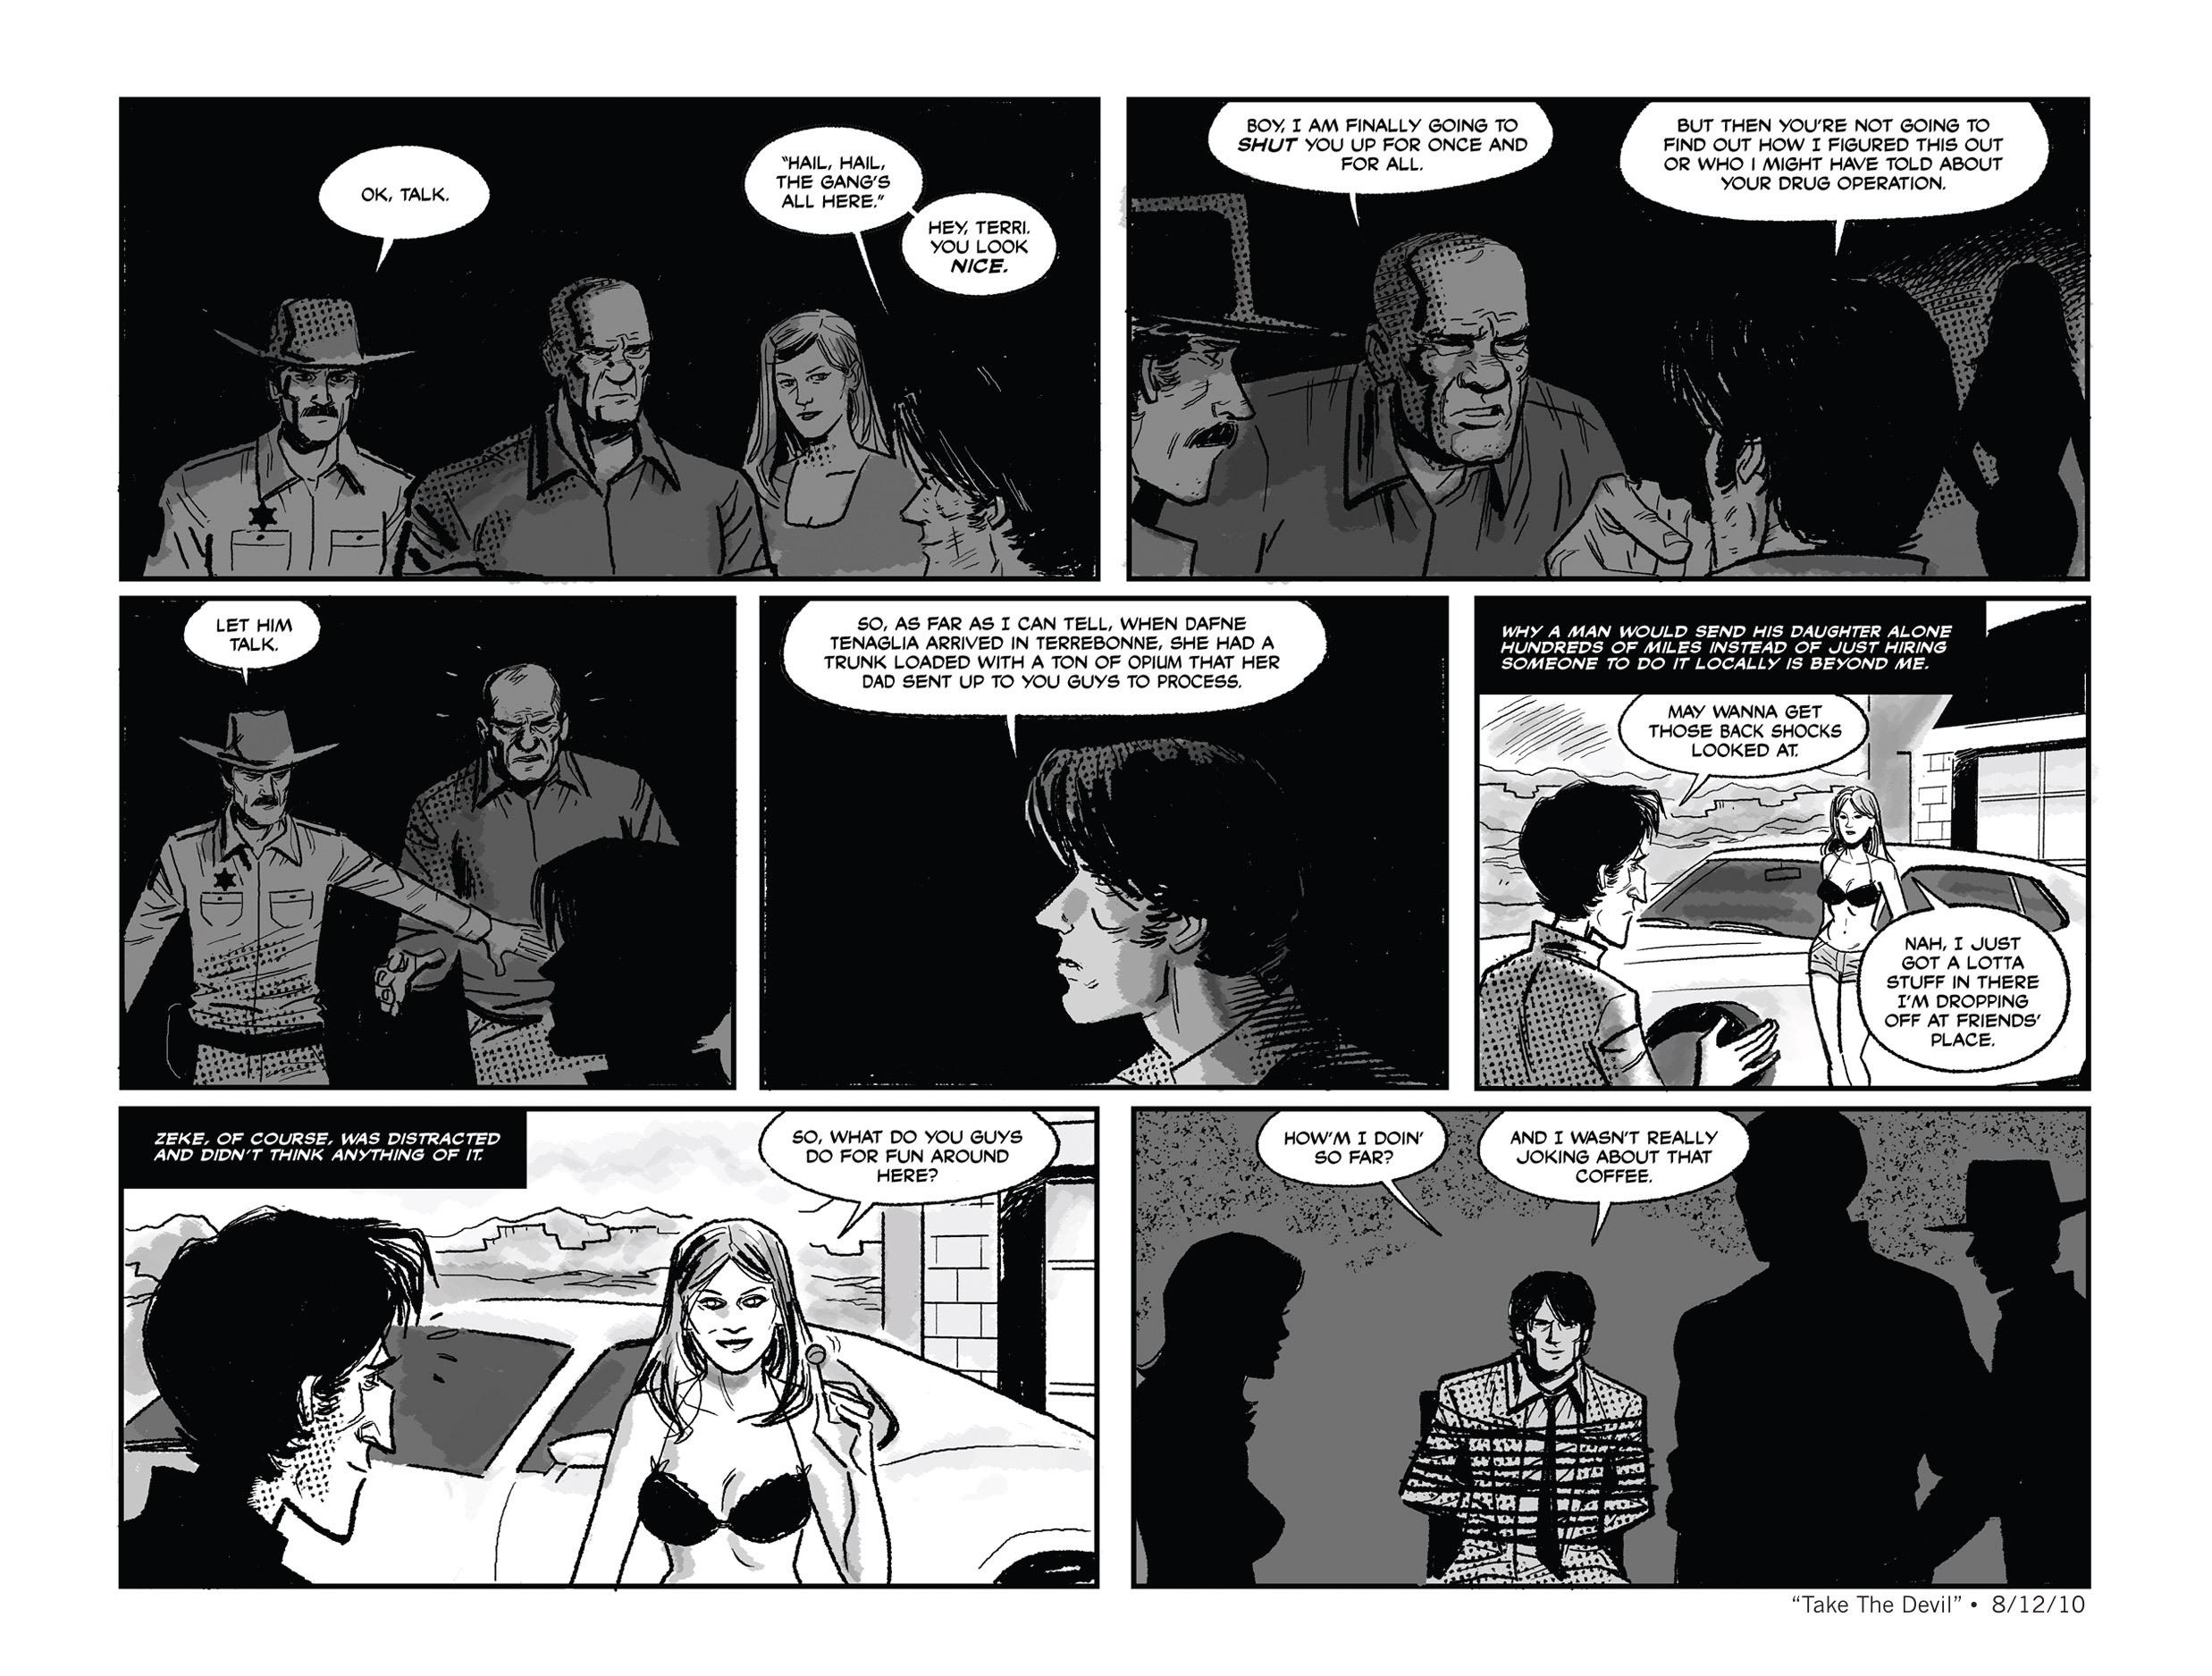 Read online She Died In Terrebonne comic -  Issue #3 - 13